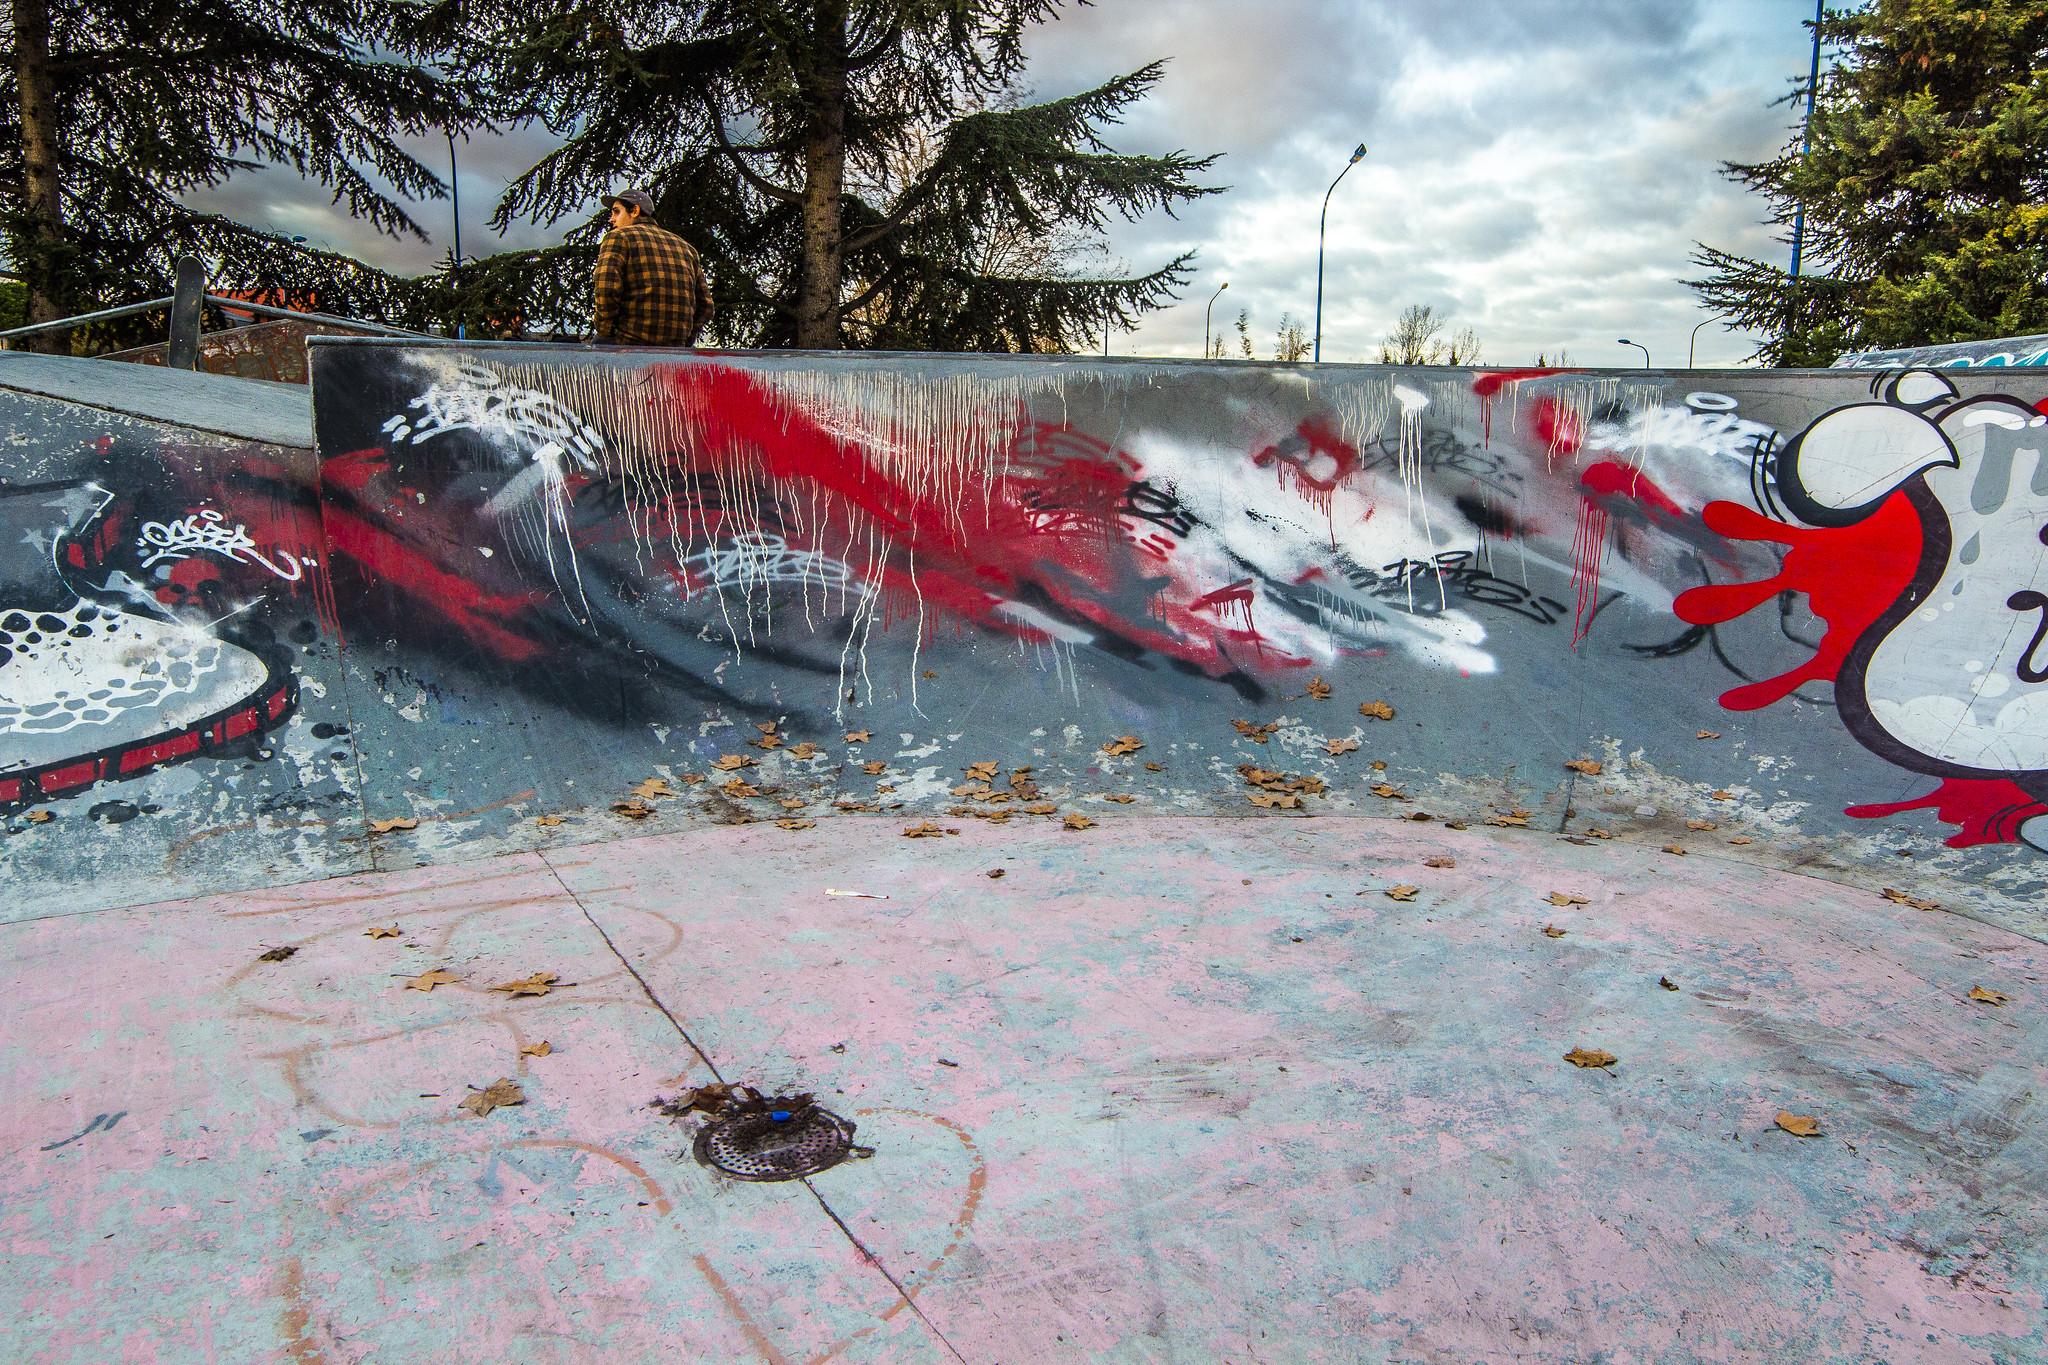 padre sk graffiti